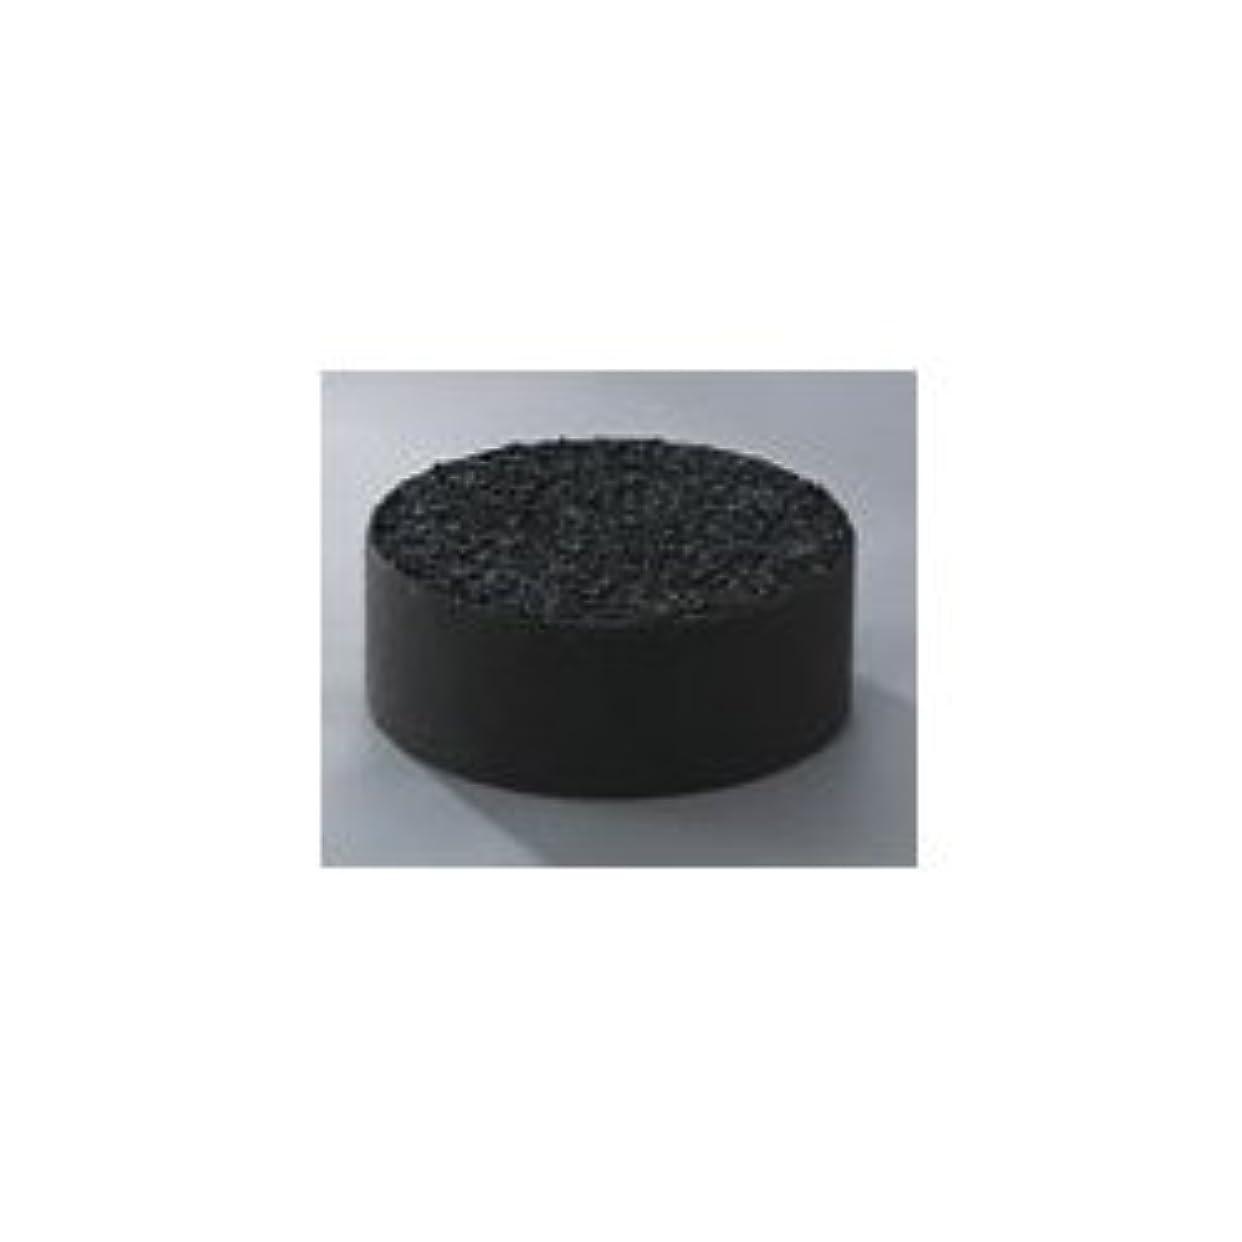 コカイン電気的負担ジャノメ 24時間風呂 バインド活性炭 1個 バスエース用